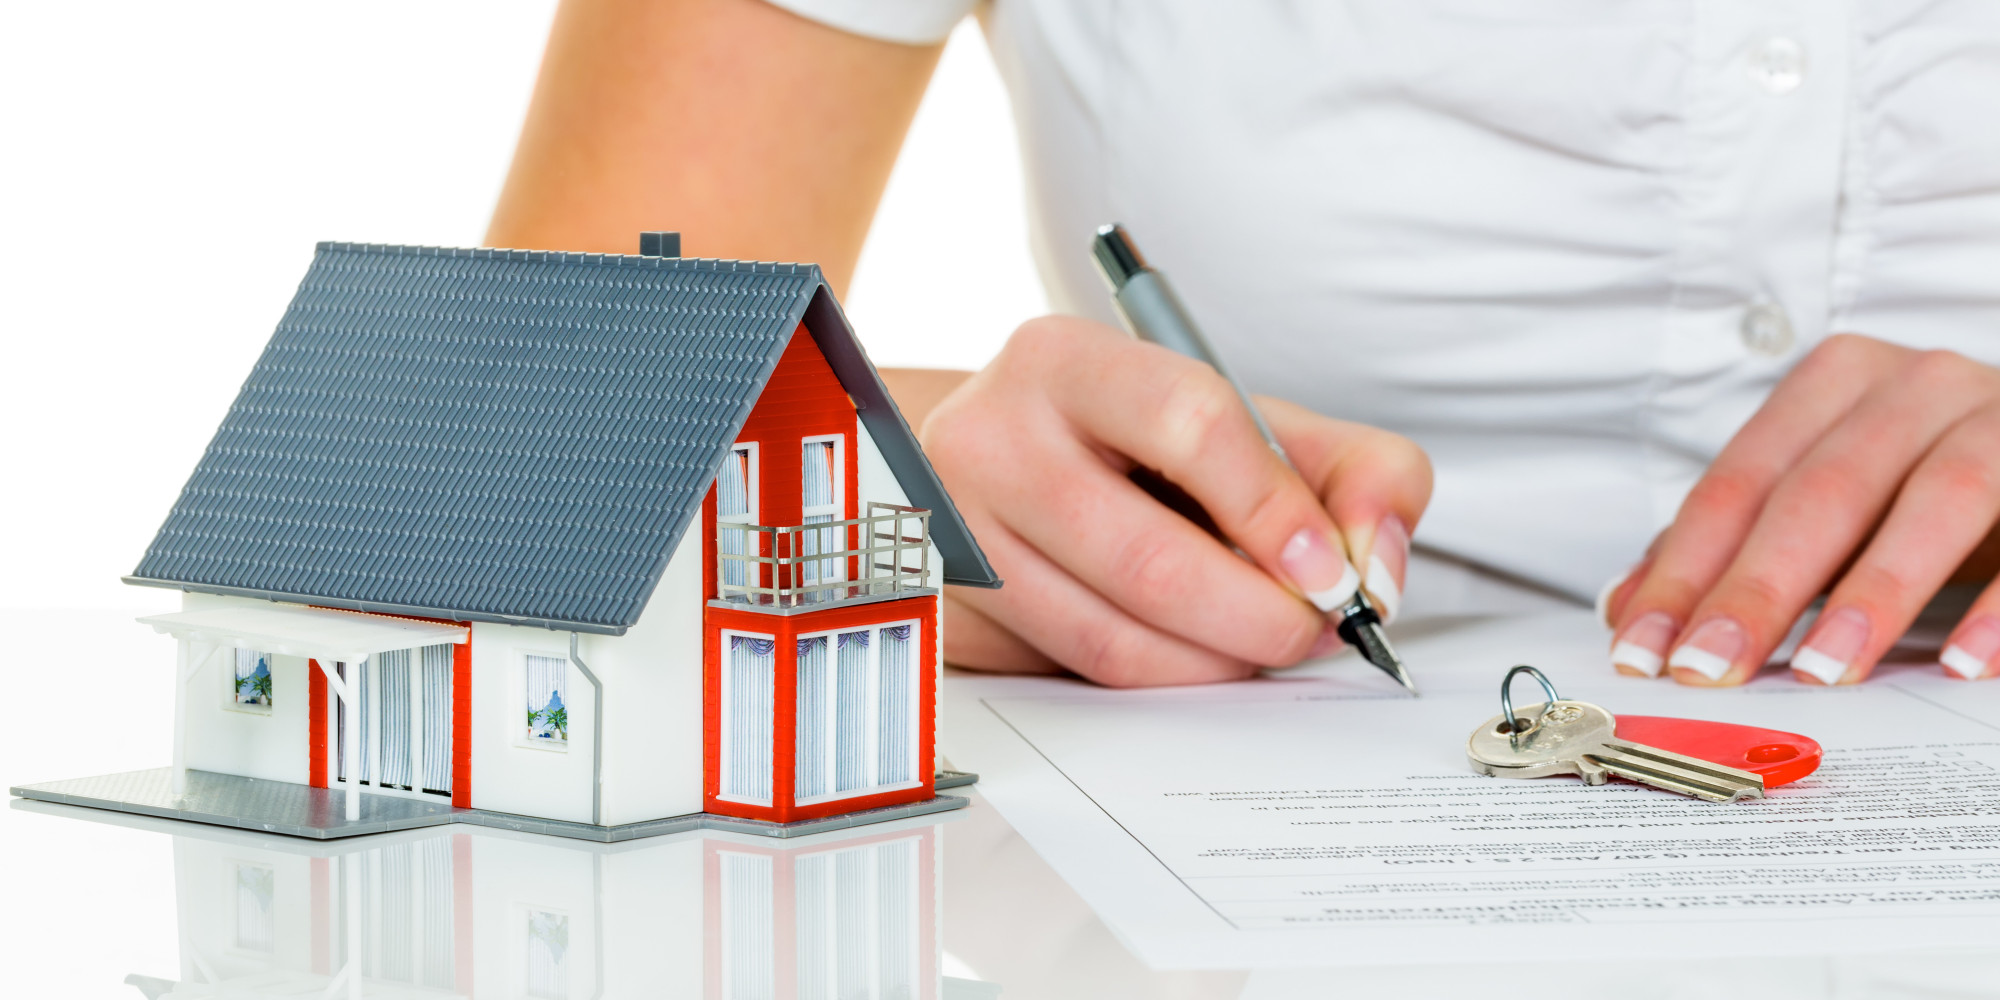 продажа недвижимости в ипотеке